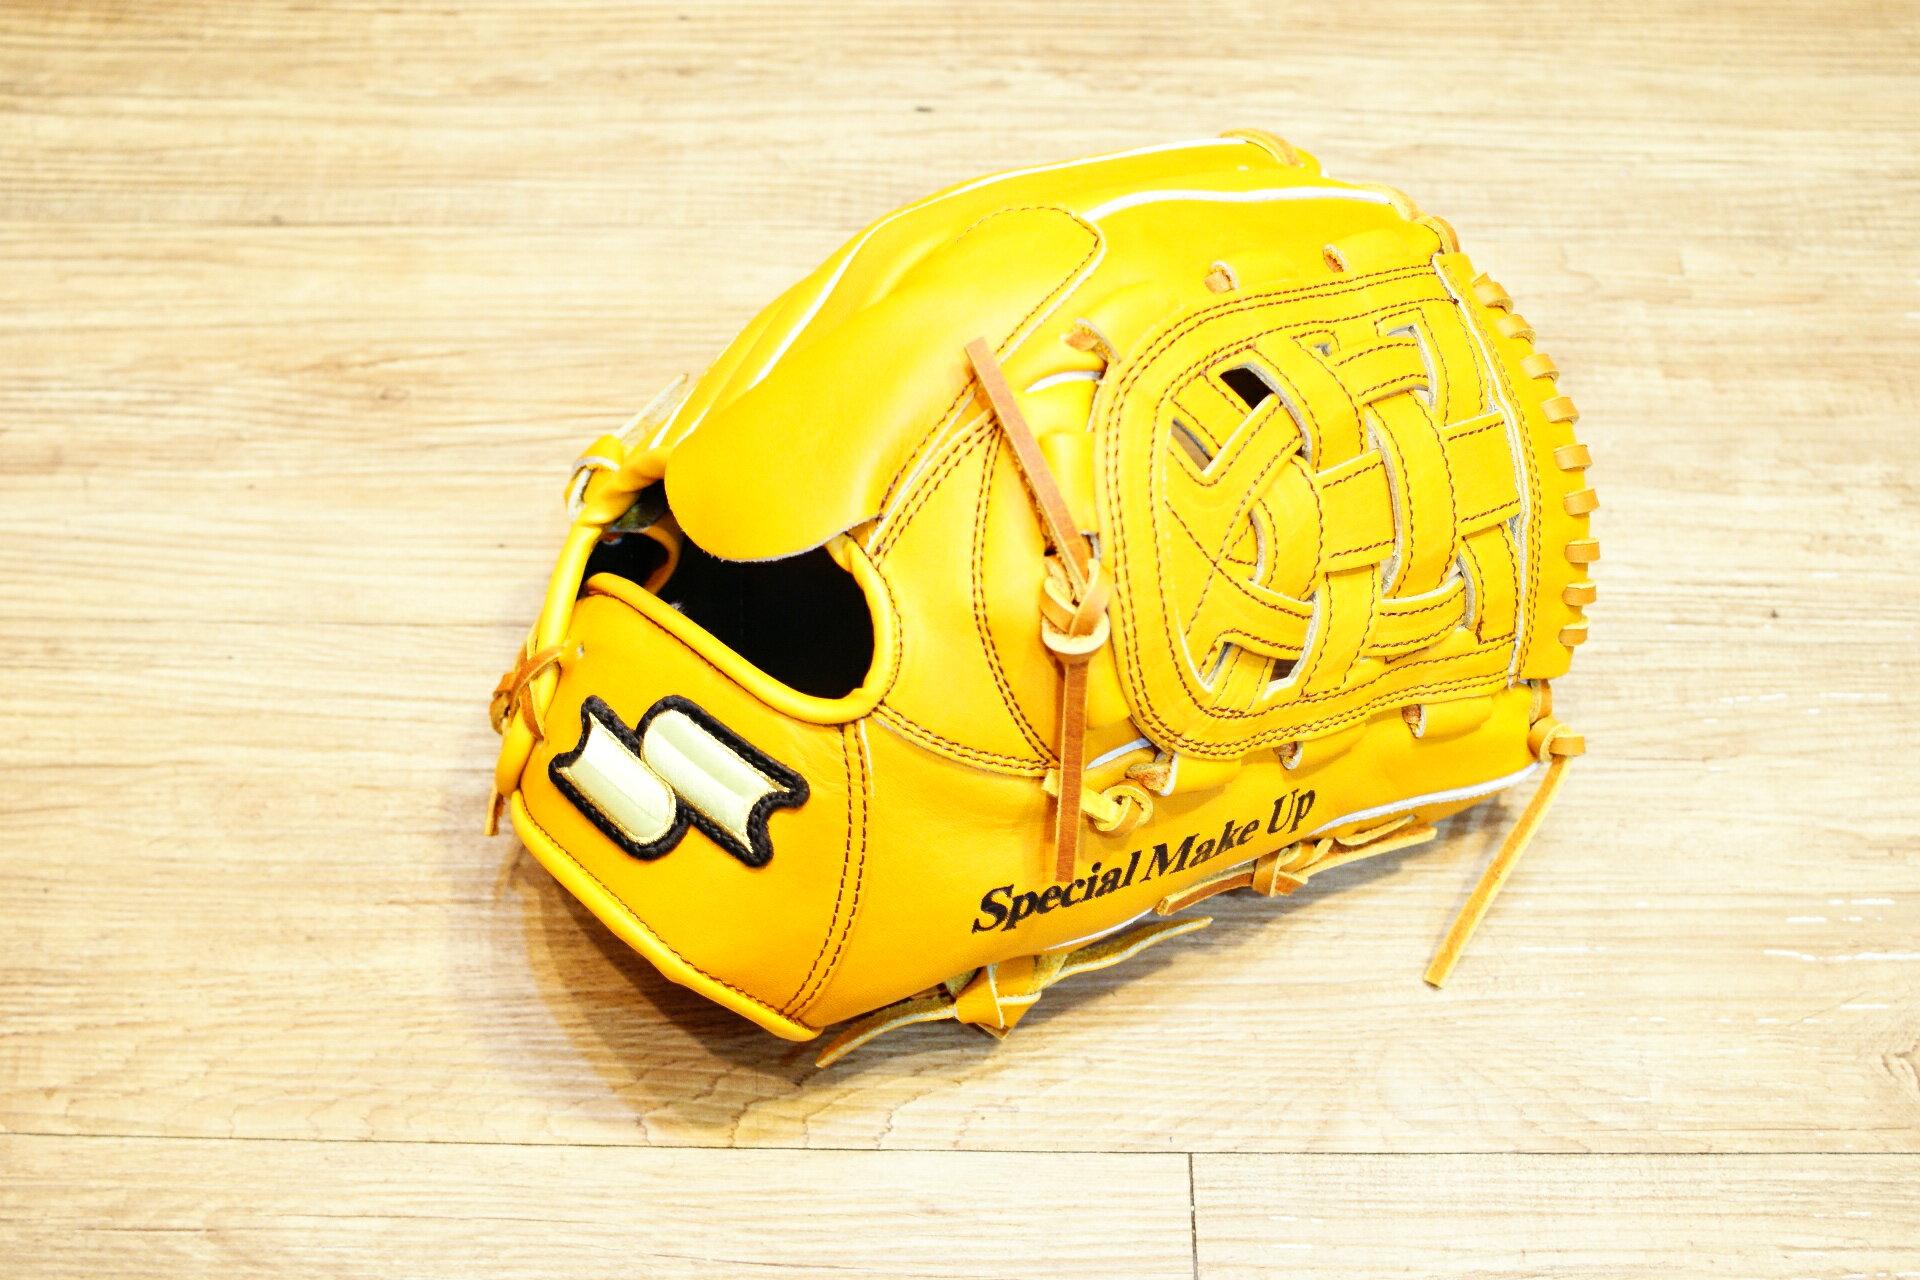 棒球世界 全新 店訂版SSK棒壘通用牛皮手套特價投手 特殊檔  原皮色